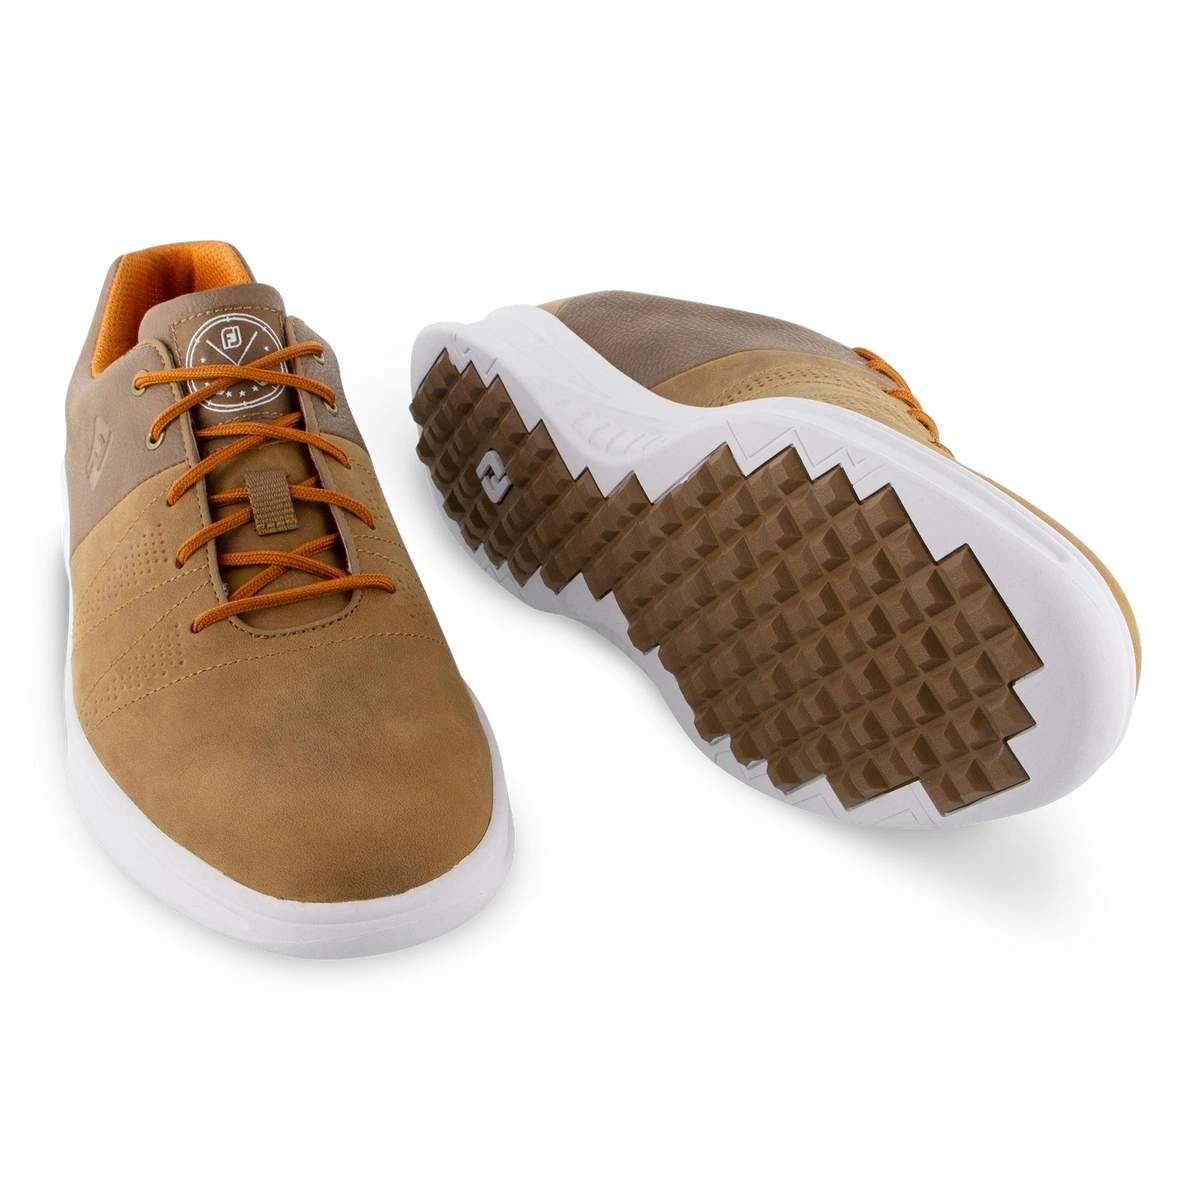 FootJoy Men's Contour Casual Golf Shoe - Previous Season #54057